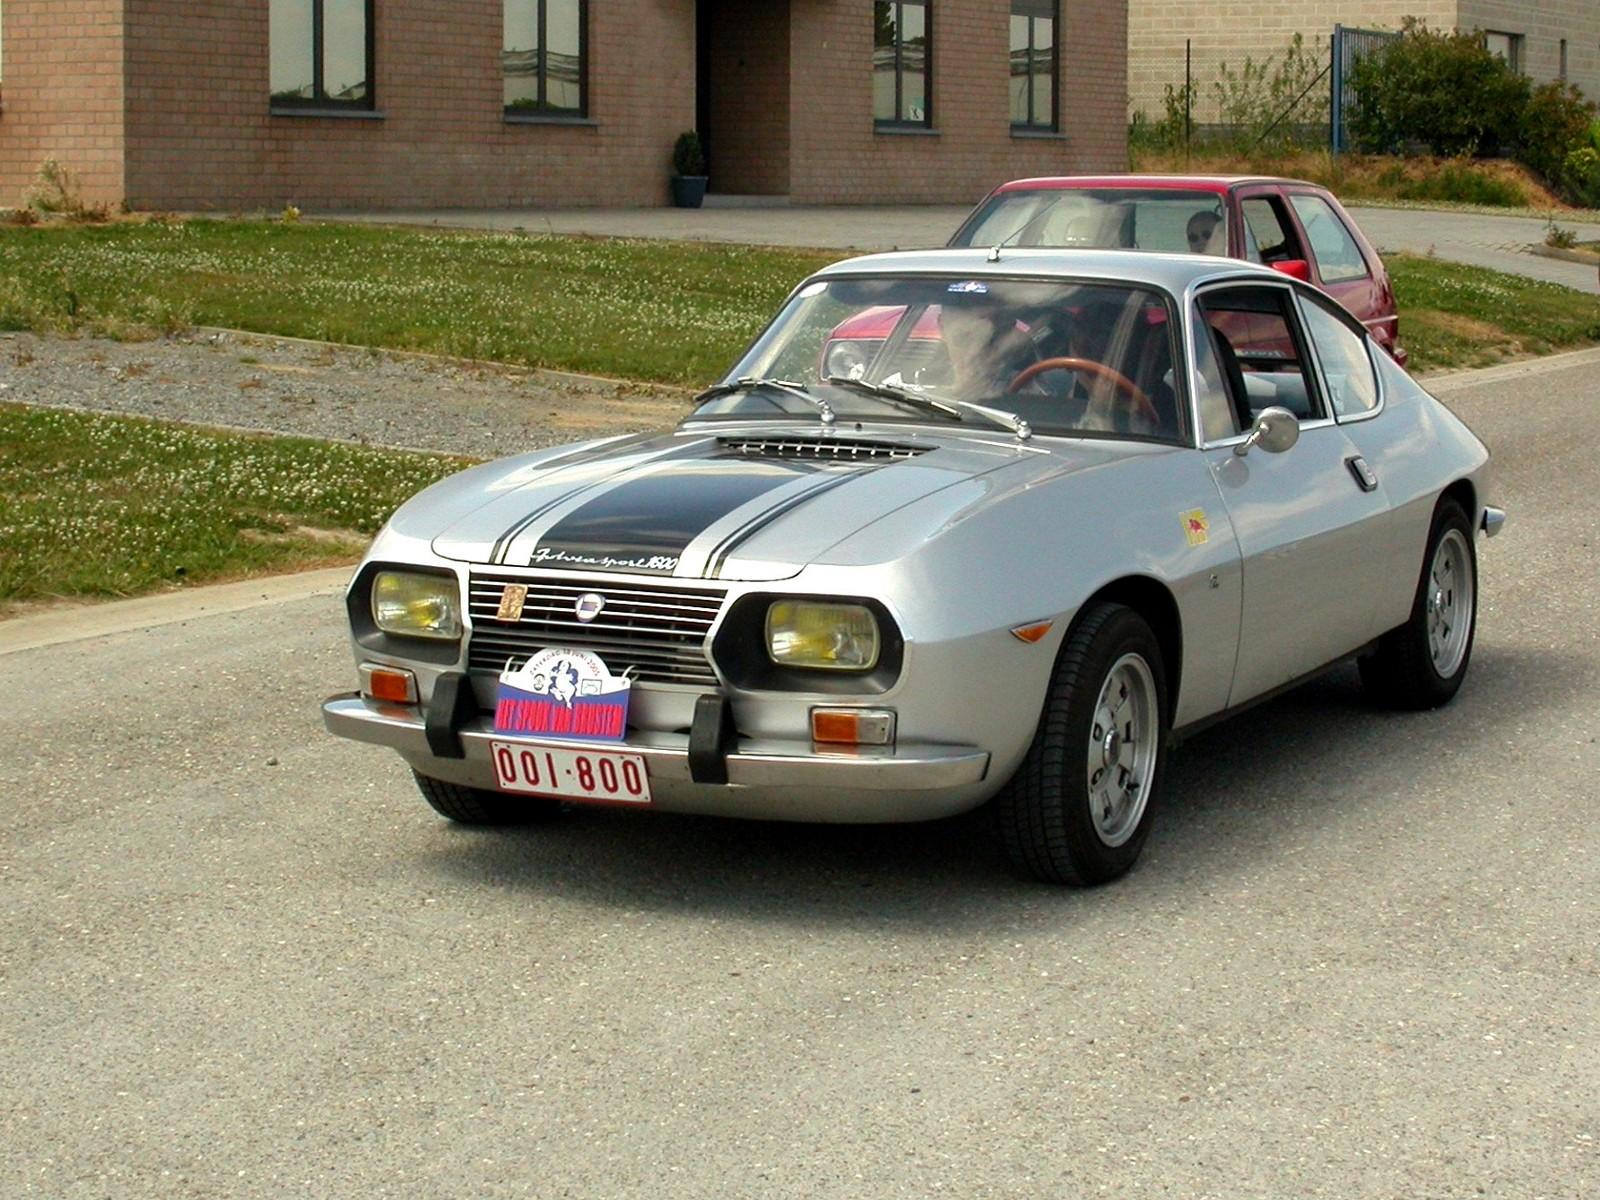 Fulvia Sport Die dritte Karosserievariante des Fulvia wurde von Ercole Spada bei Zagato im Auftrag von Lancia gezeichnet der Ende 1965 präsentierte Lancia Fulvia